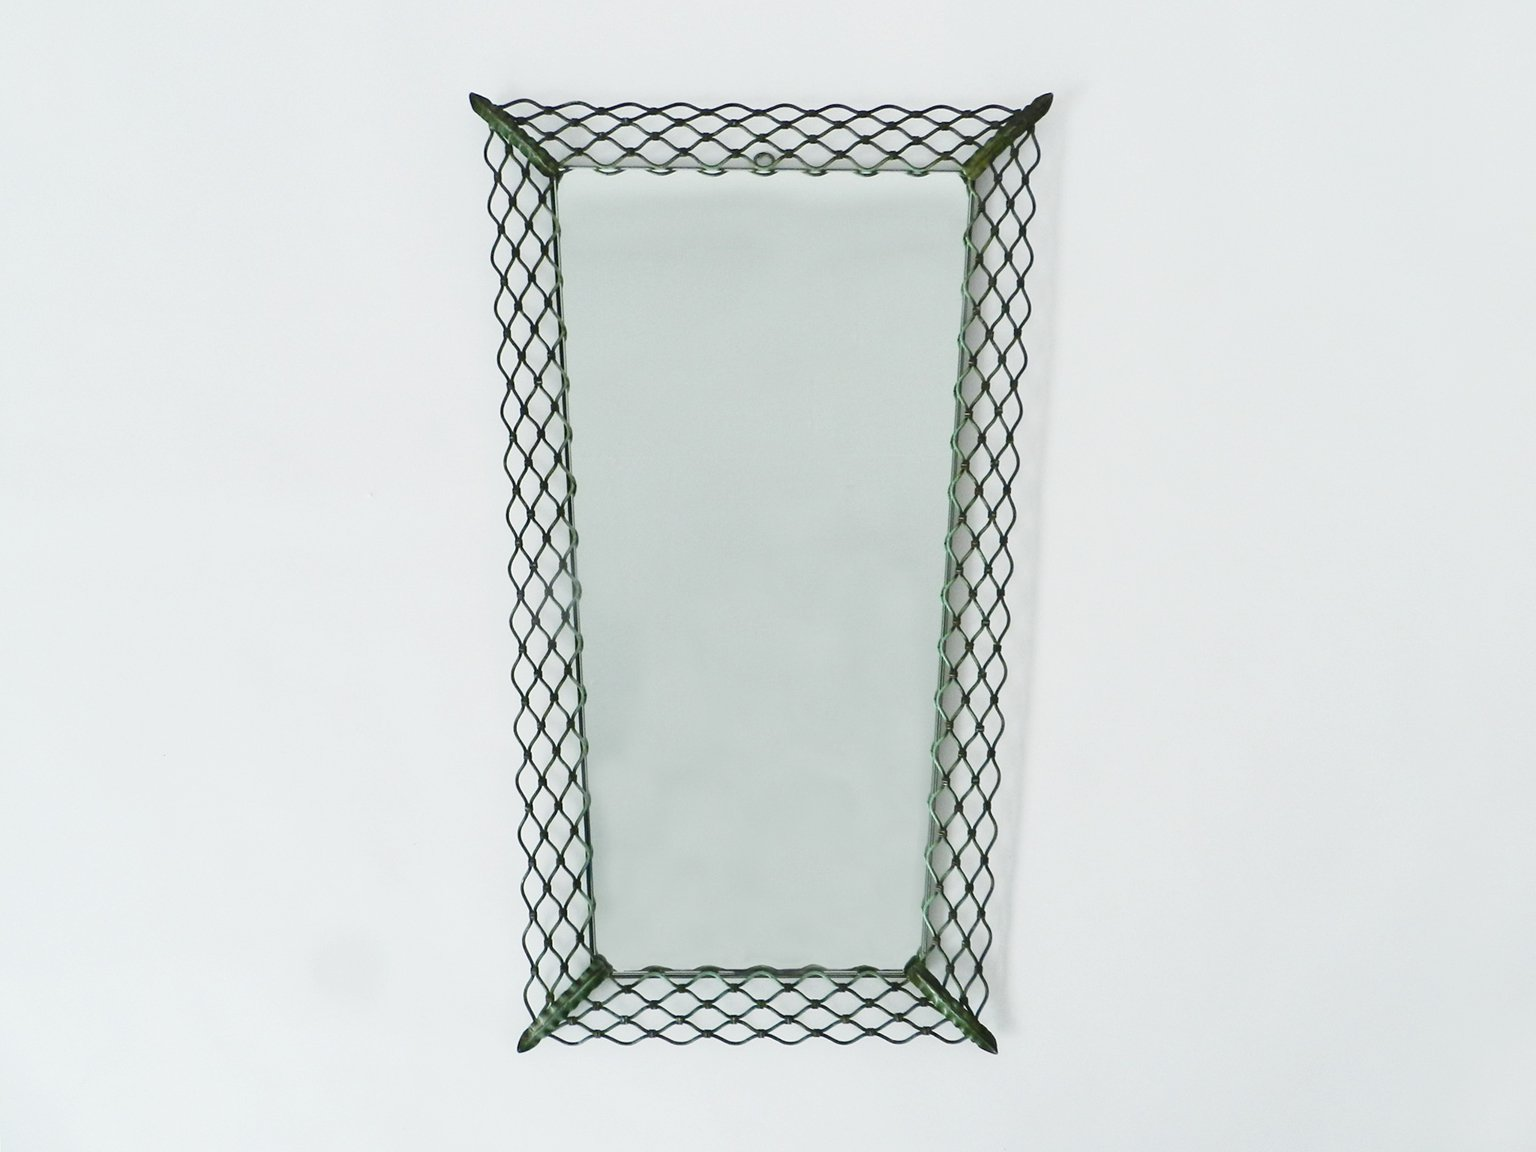 miroir vintage avec cadre en m tal italie en vente sur pamono